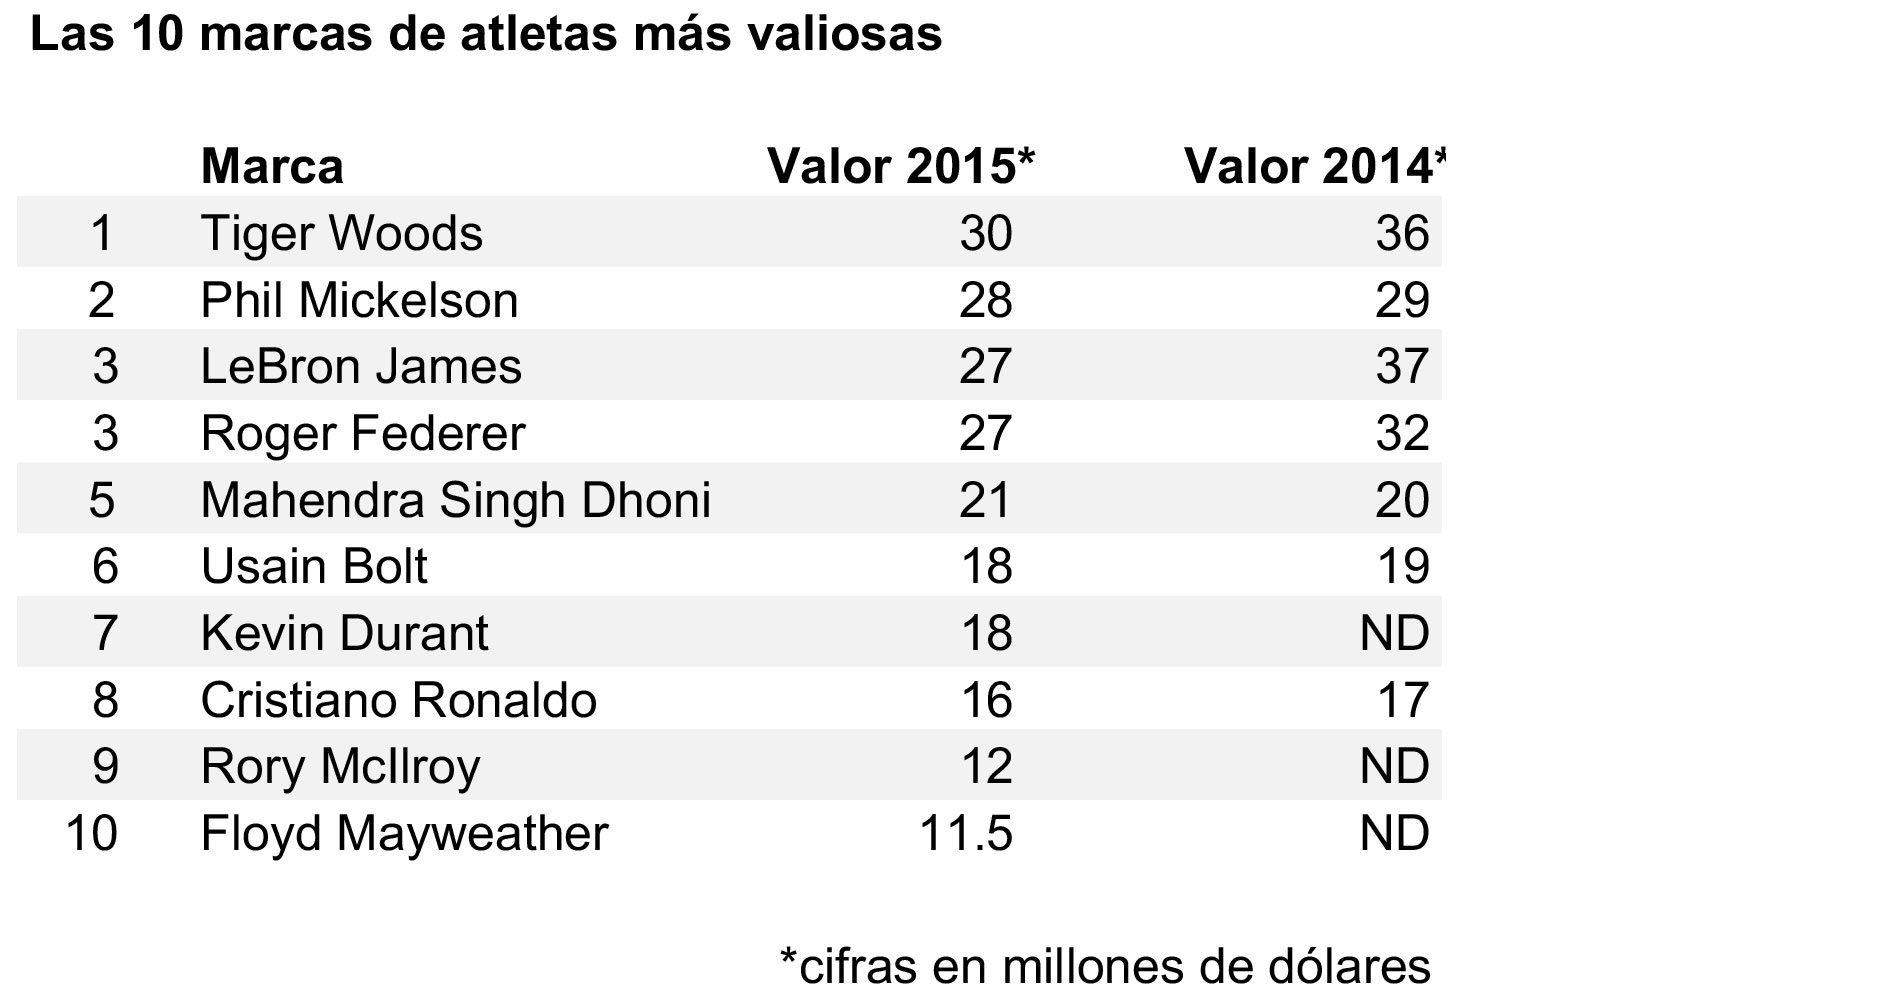 fuerte embalaje guapo niño Las 40 marcas deportivas más valiosas del mundo • Forbes México